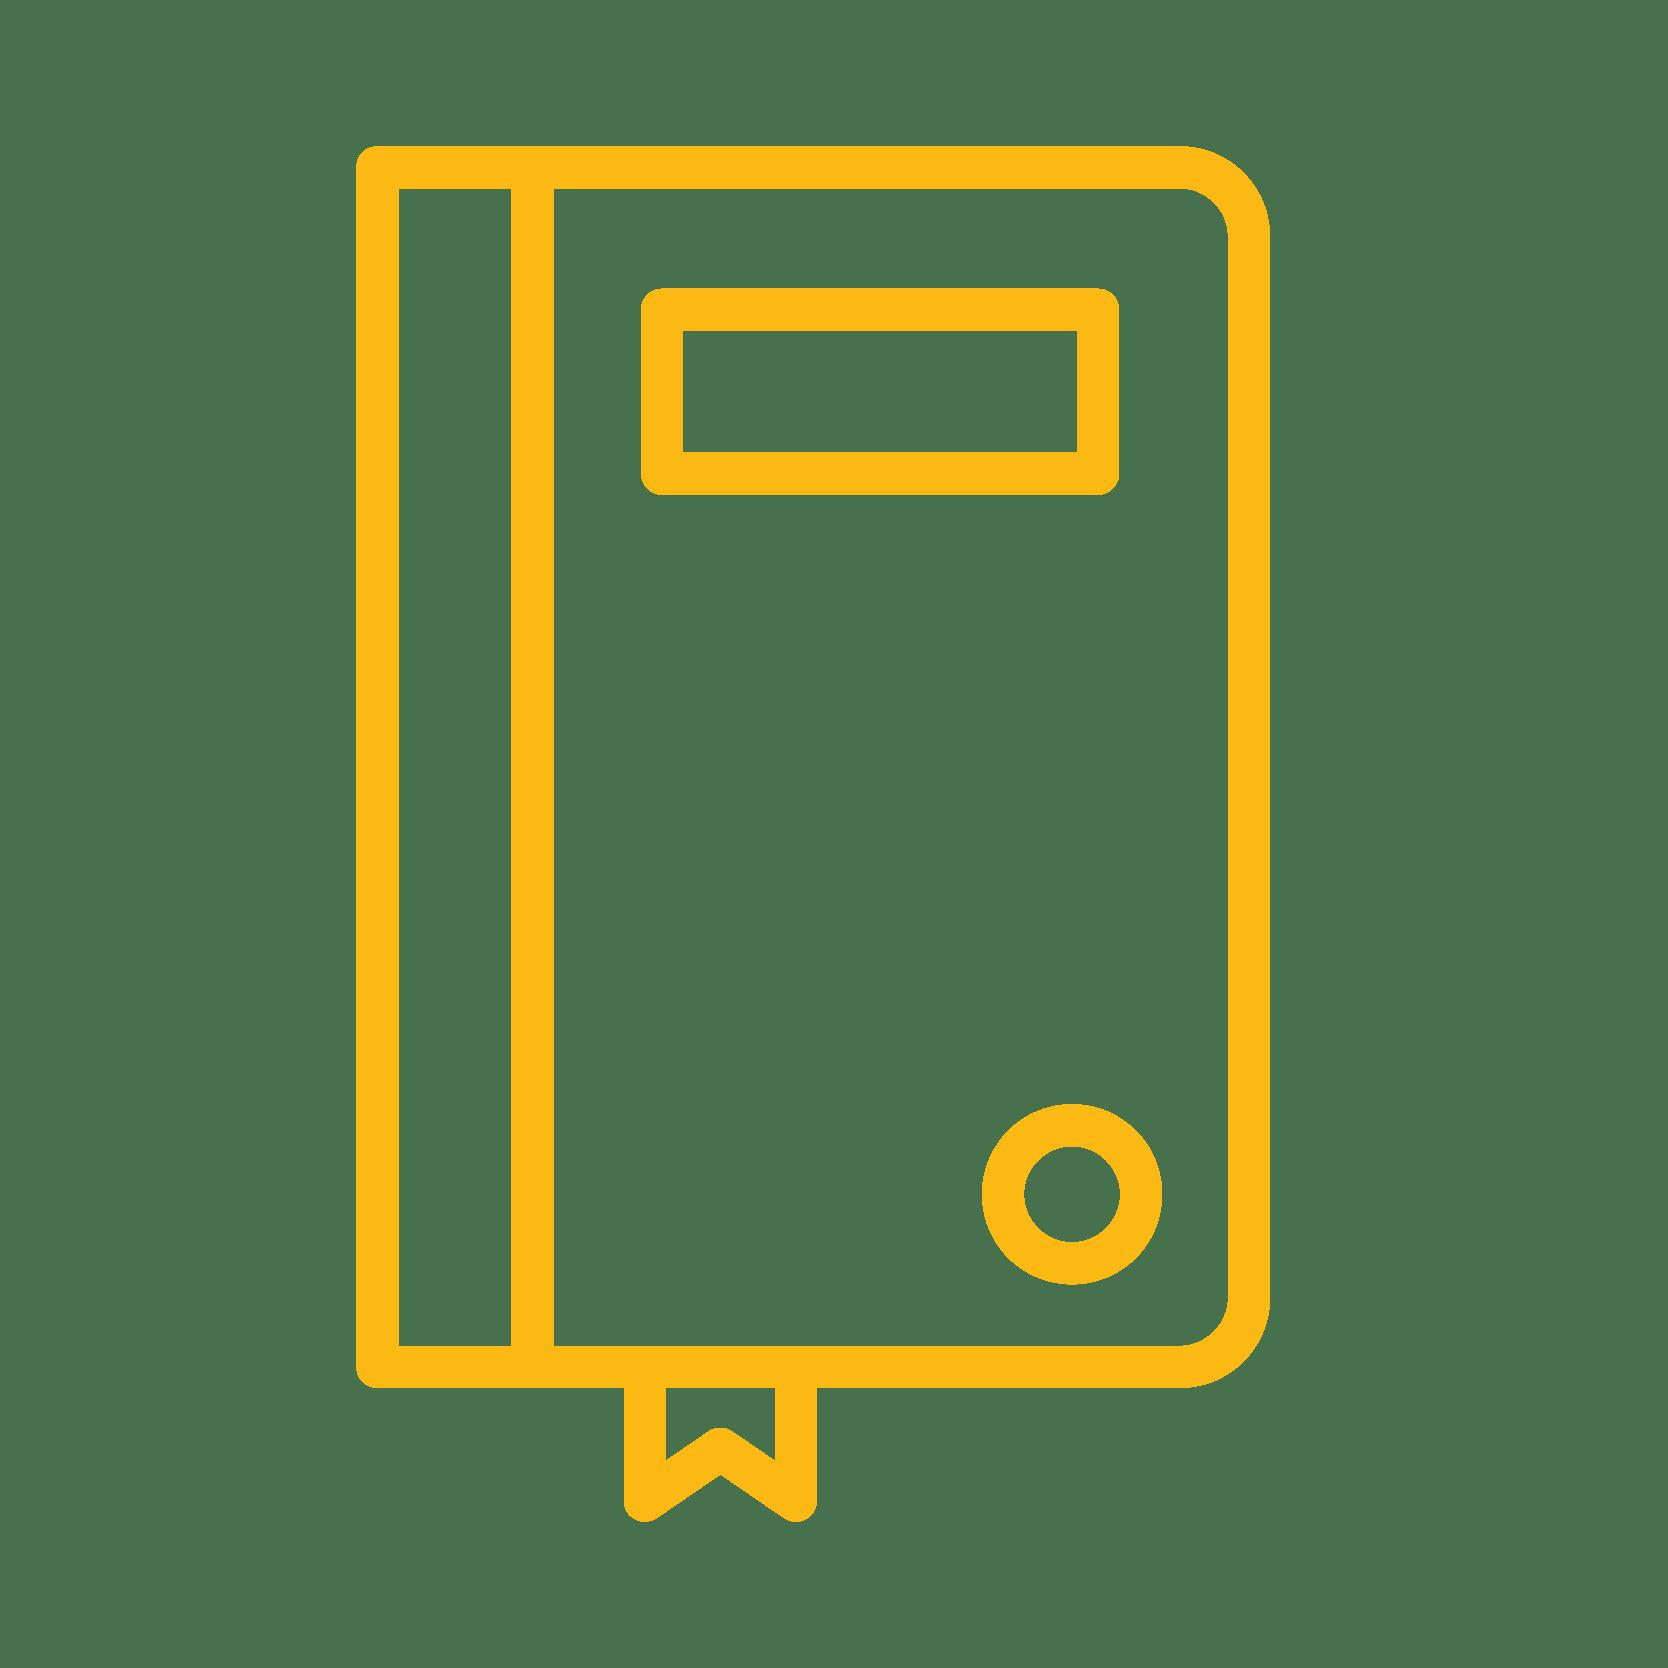 Inecom-Icons-Yellow-42-1